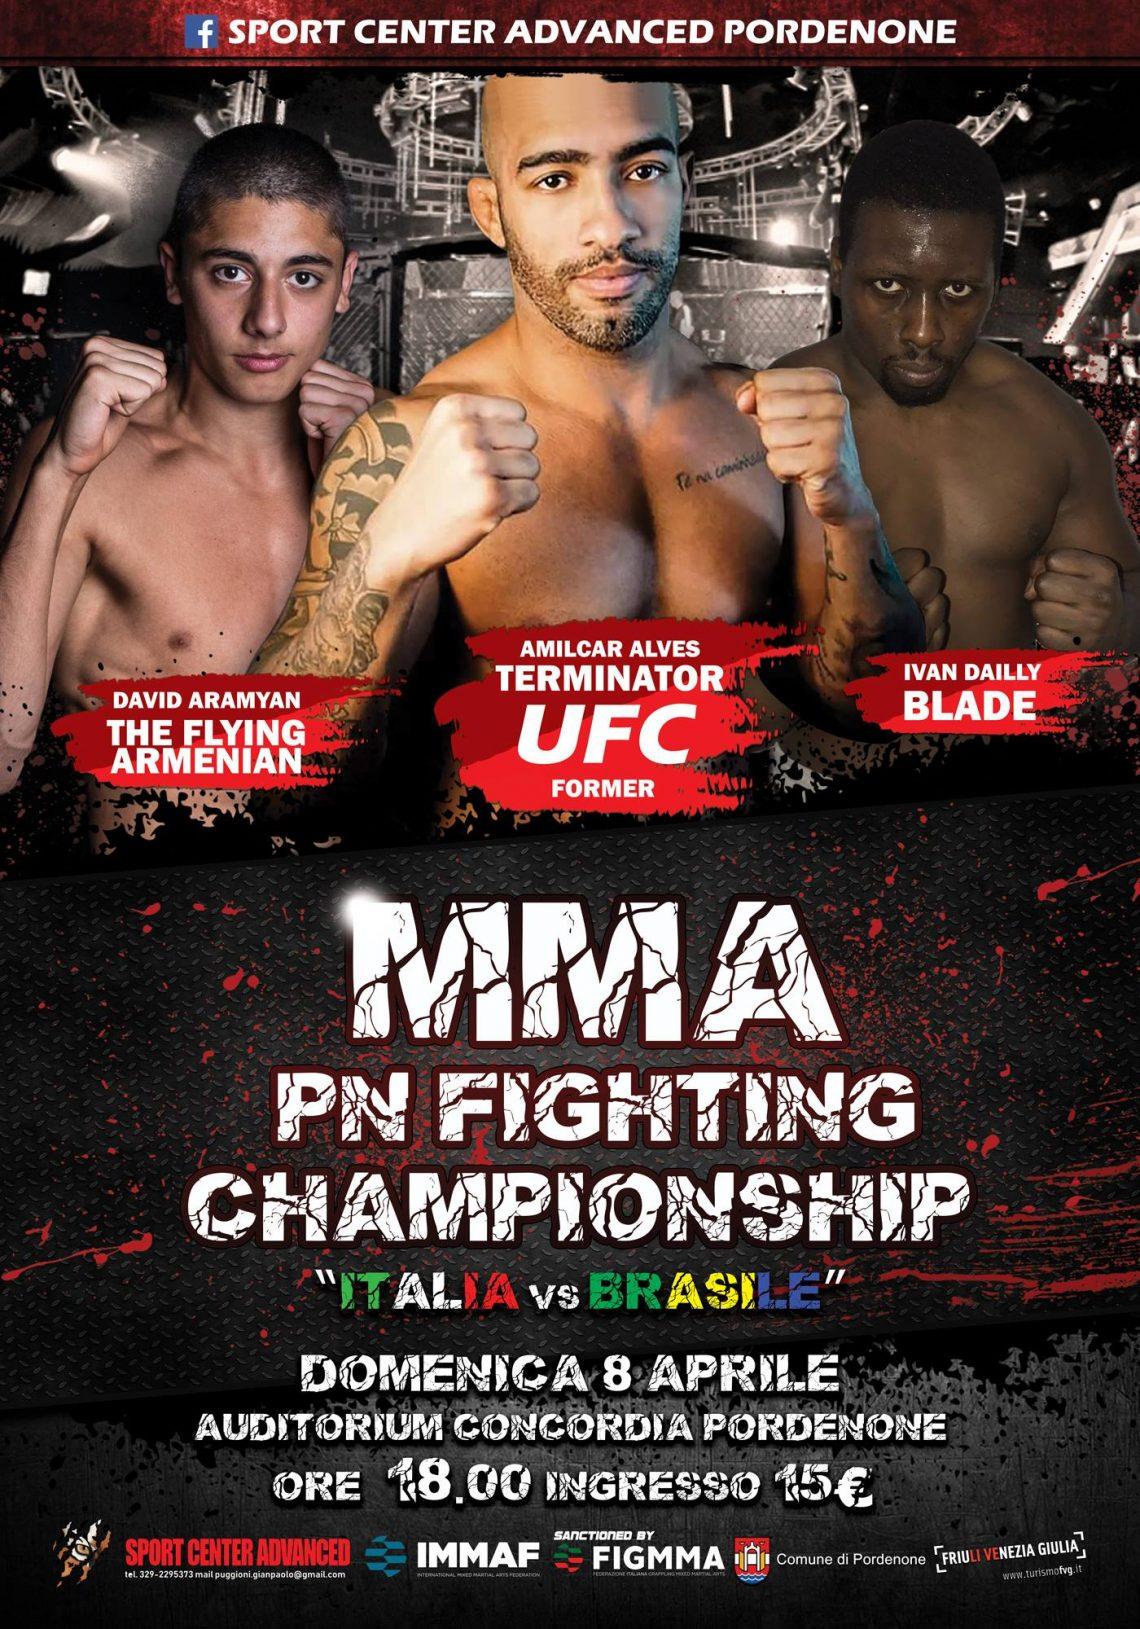 """Amilcar """"Terminaror"""" Alves, UFC Former, sarà il protagonista della PnFC10 Italia vs Brasile 1"""